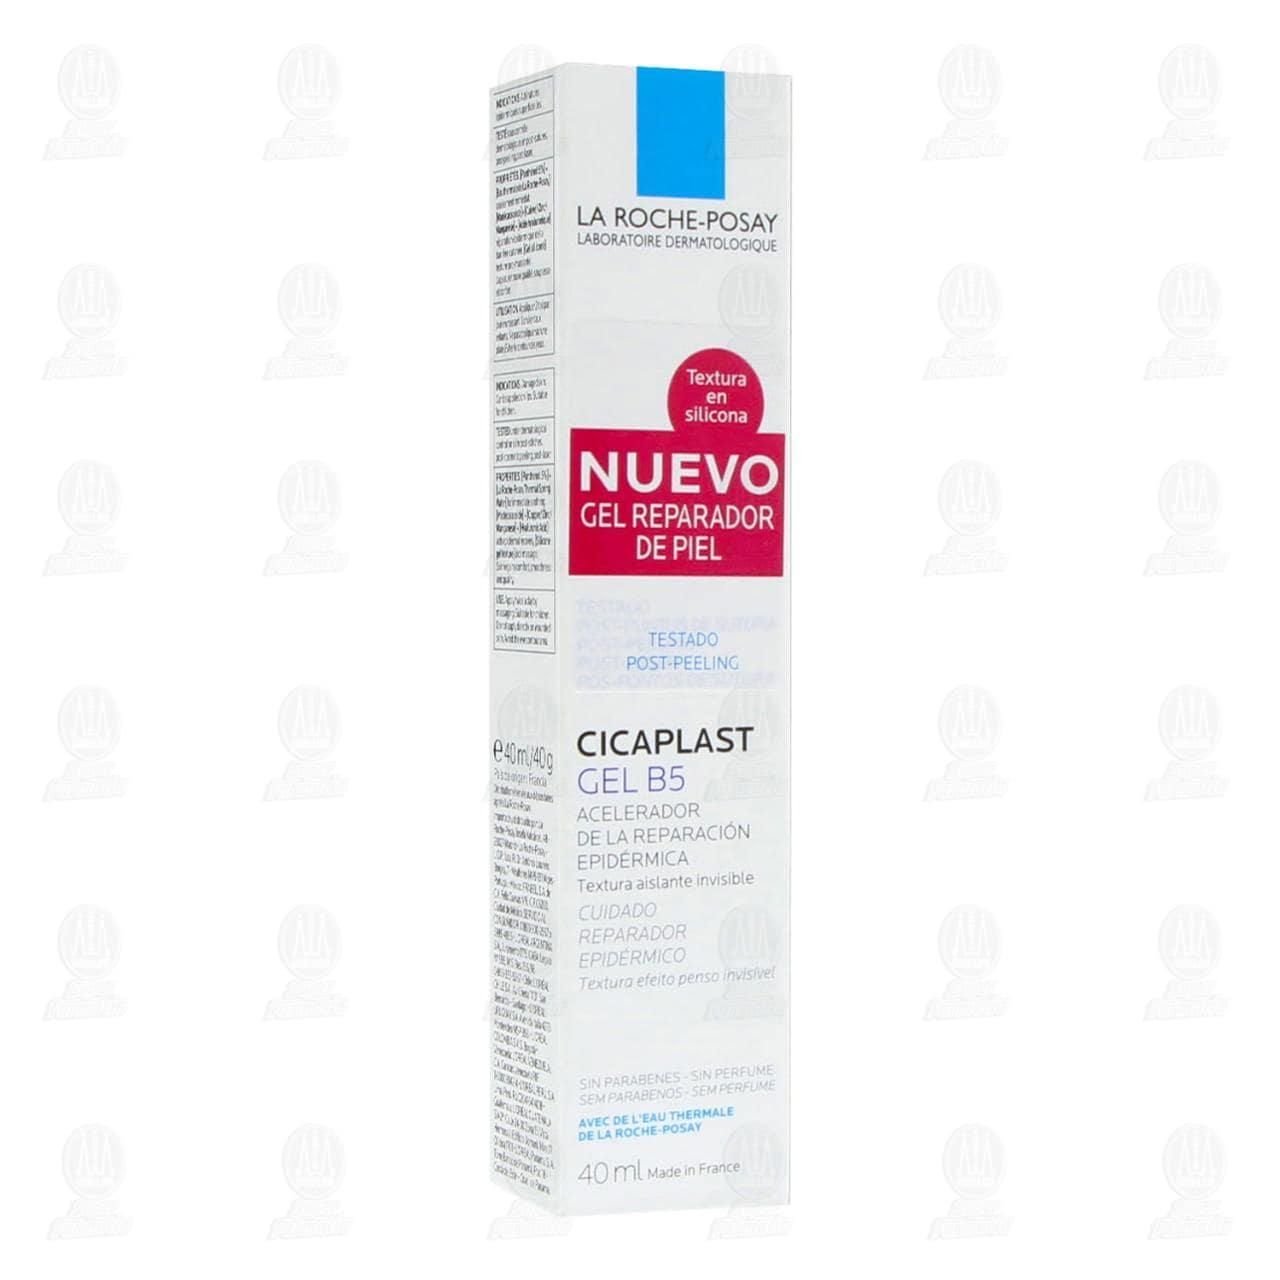 comprar https://www.movil.farmaciasguadalajara.com/wcsstore/FGCAS/wcs/products/1302892_A_1280_AL.jpg en farmacias guadalajara